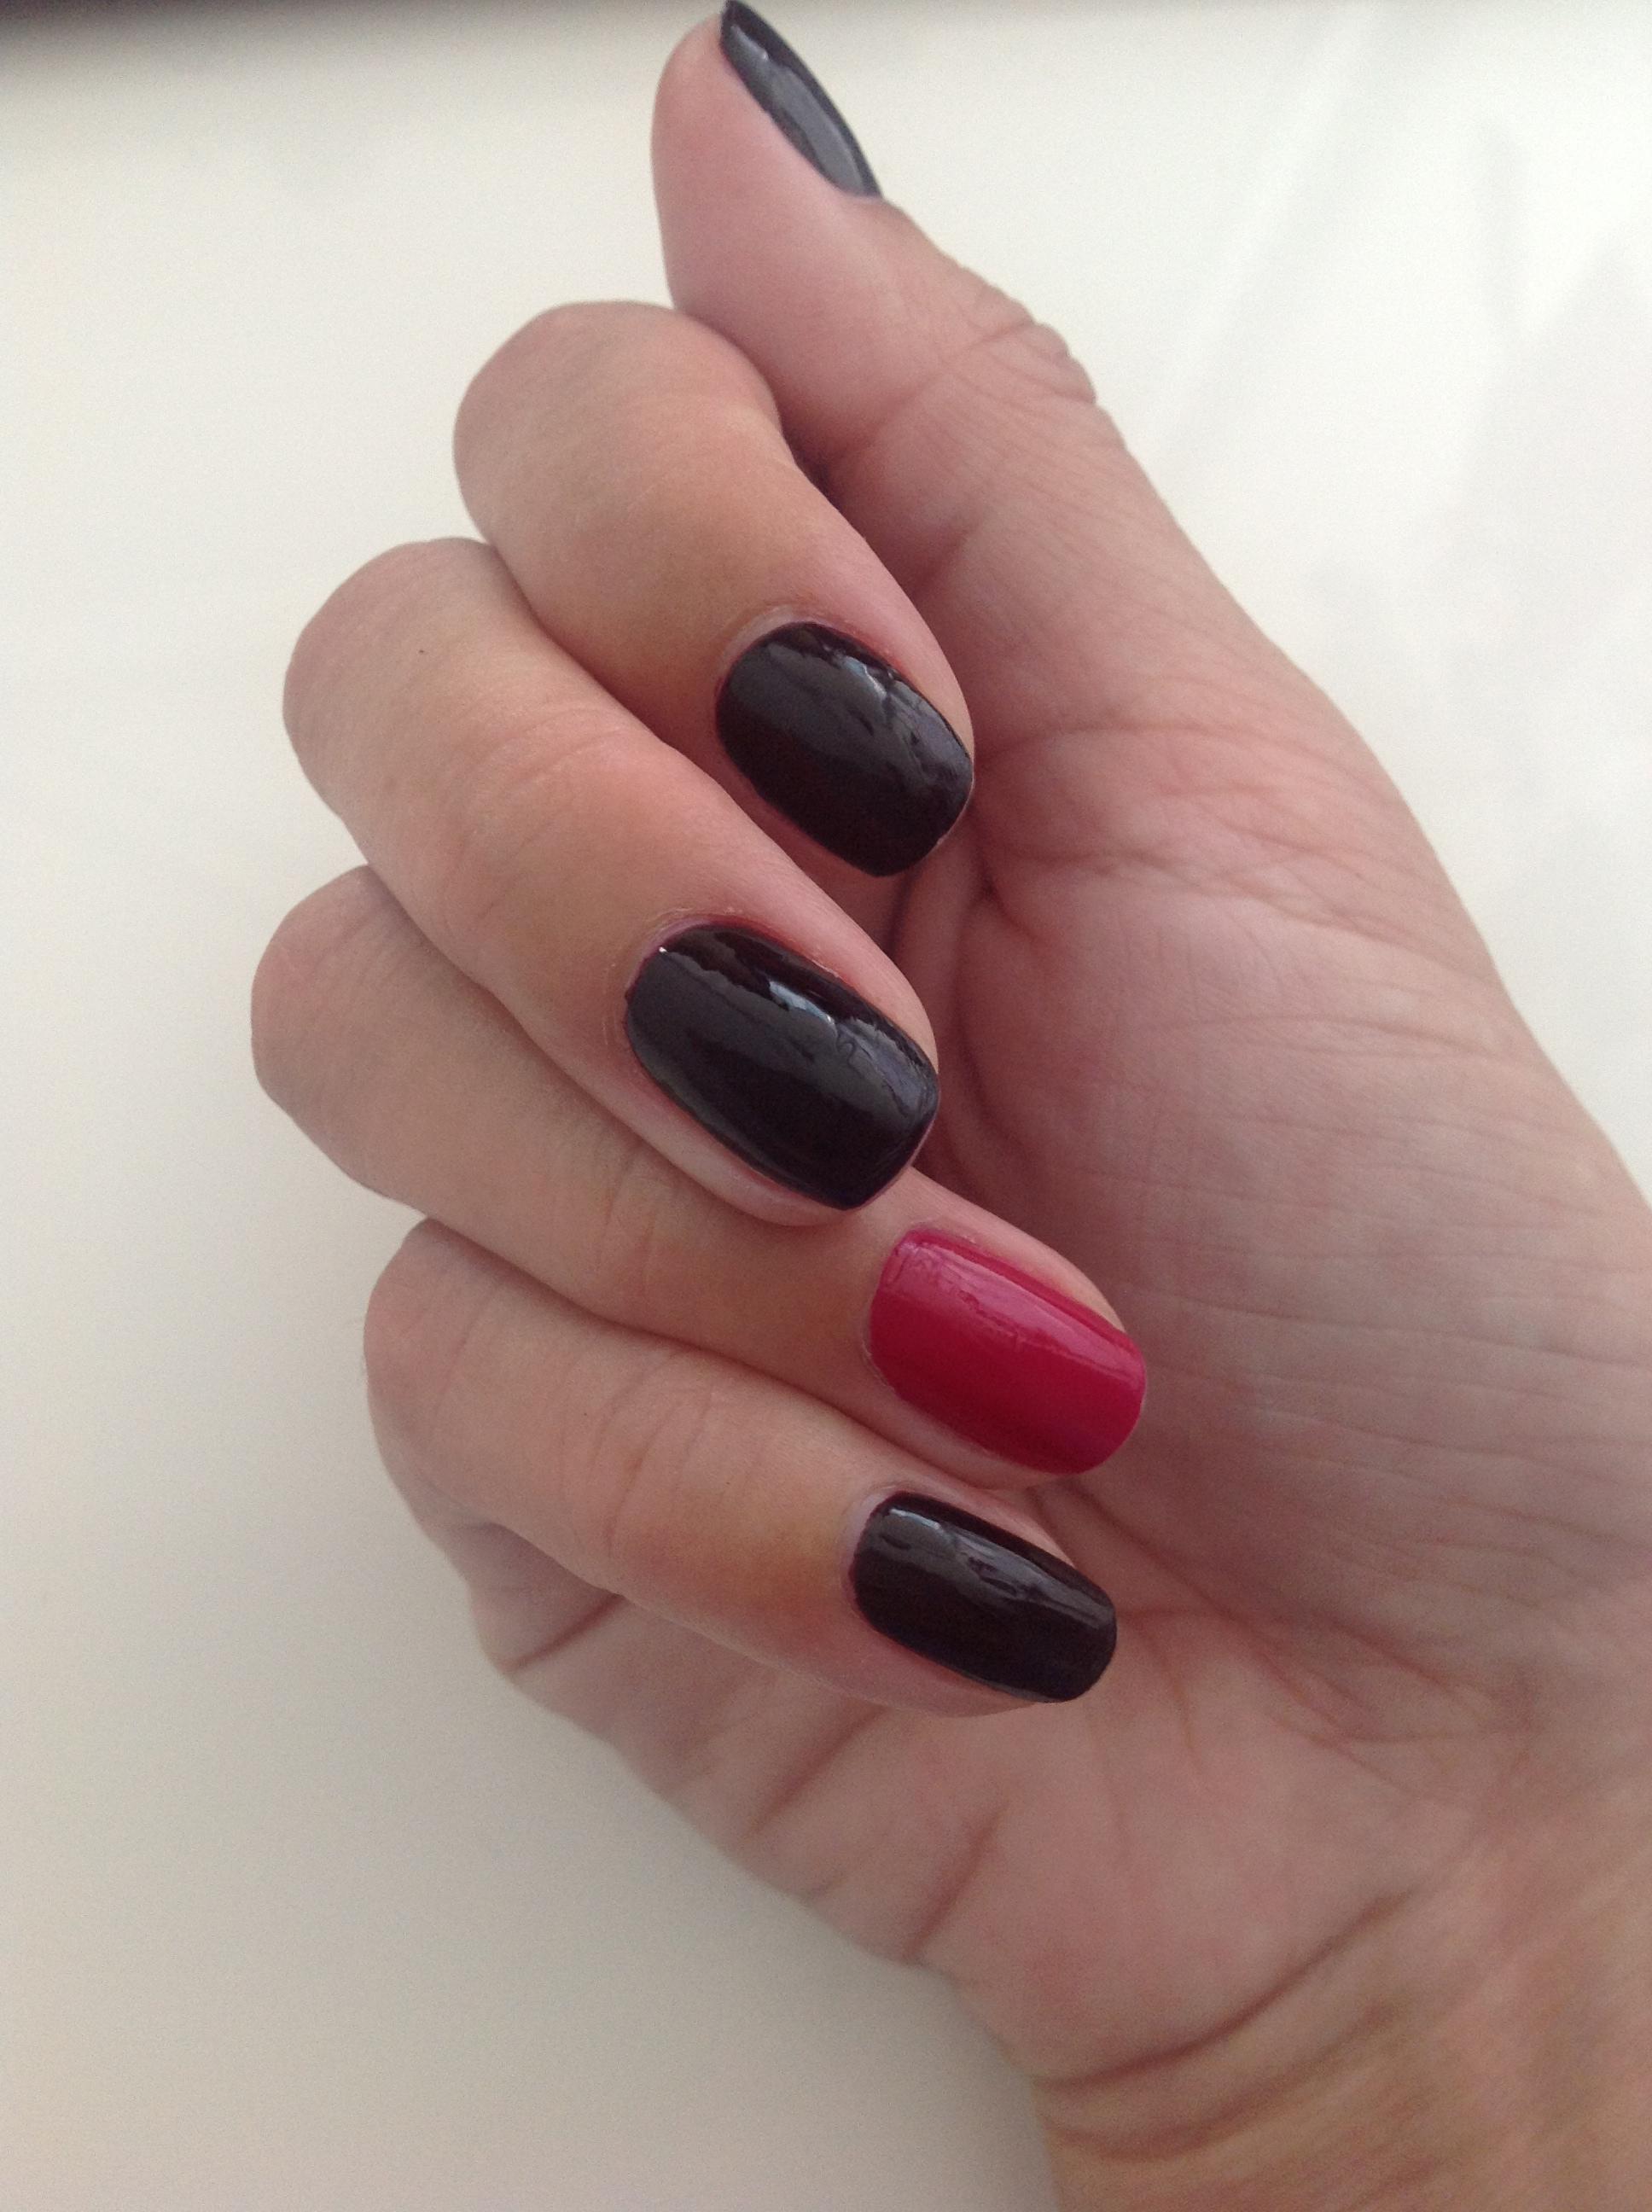 Lancome Vernis in Love manicure